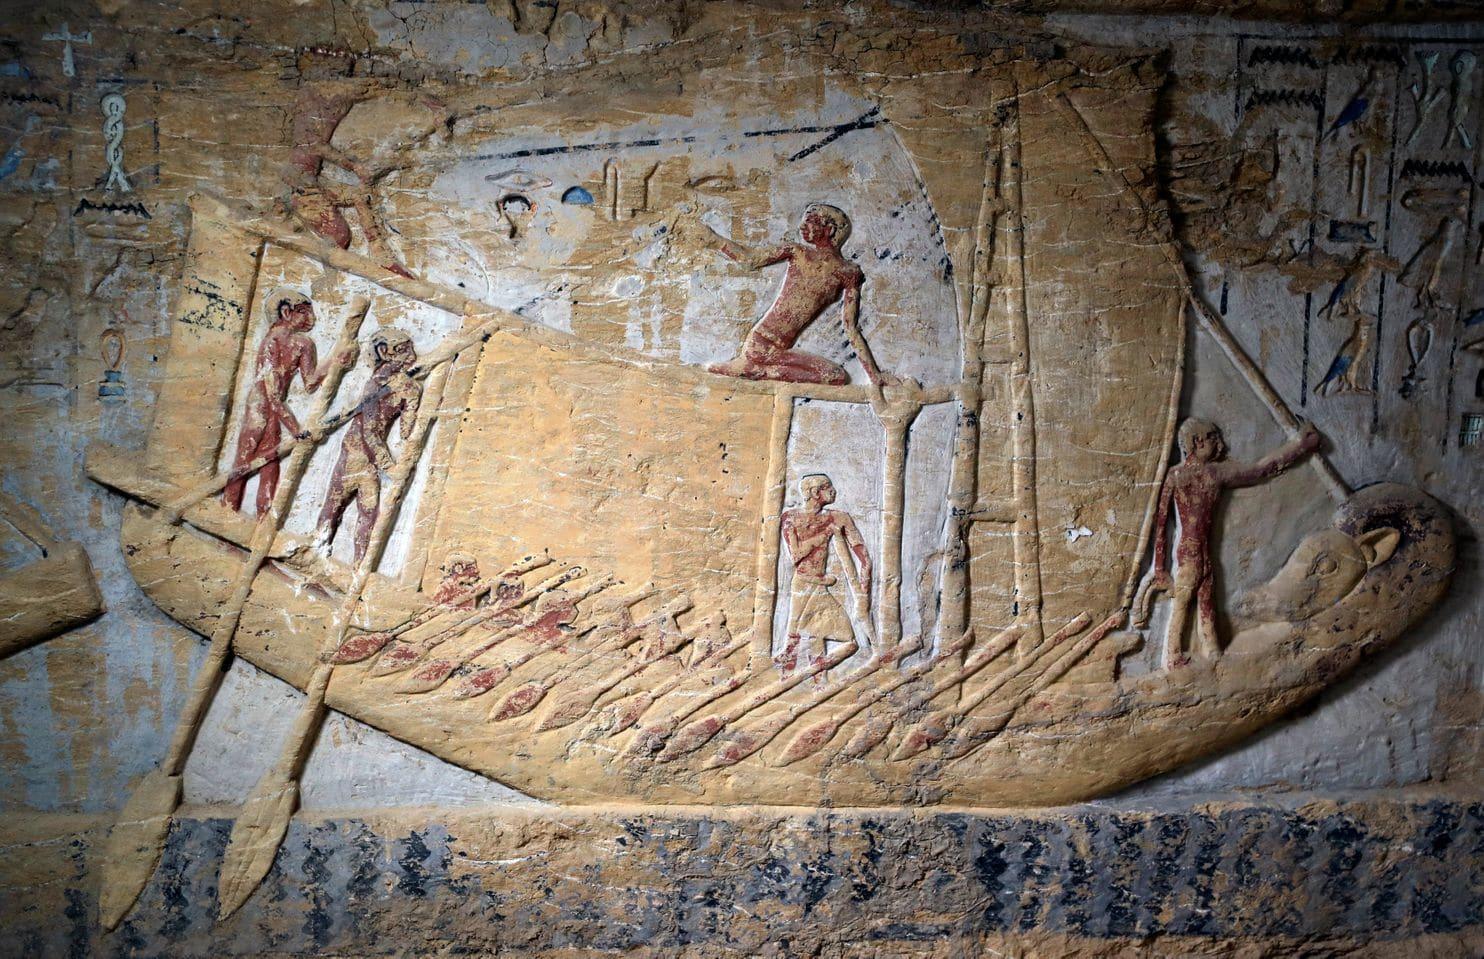 egypt 4400 mum image 1